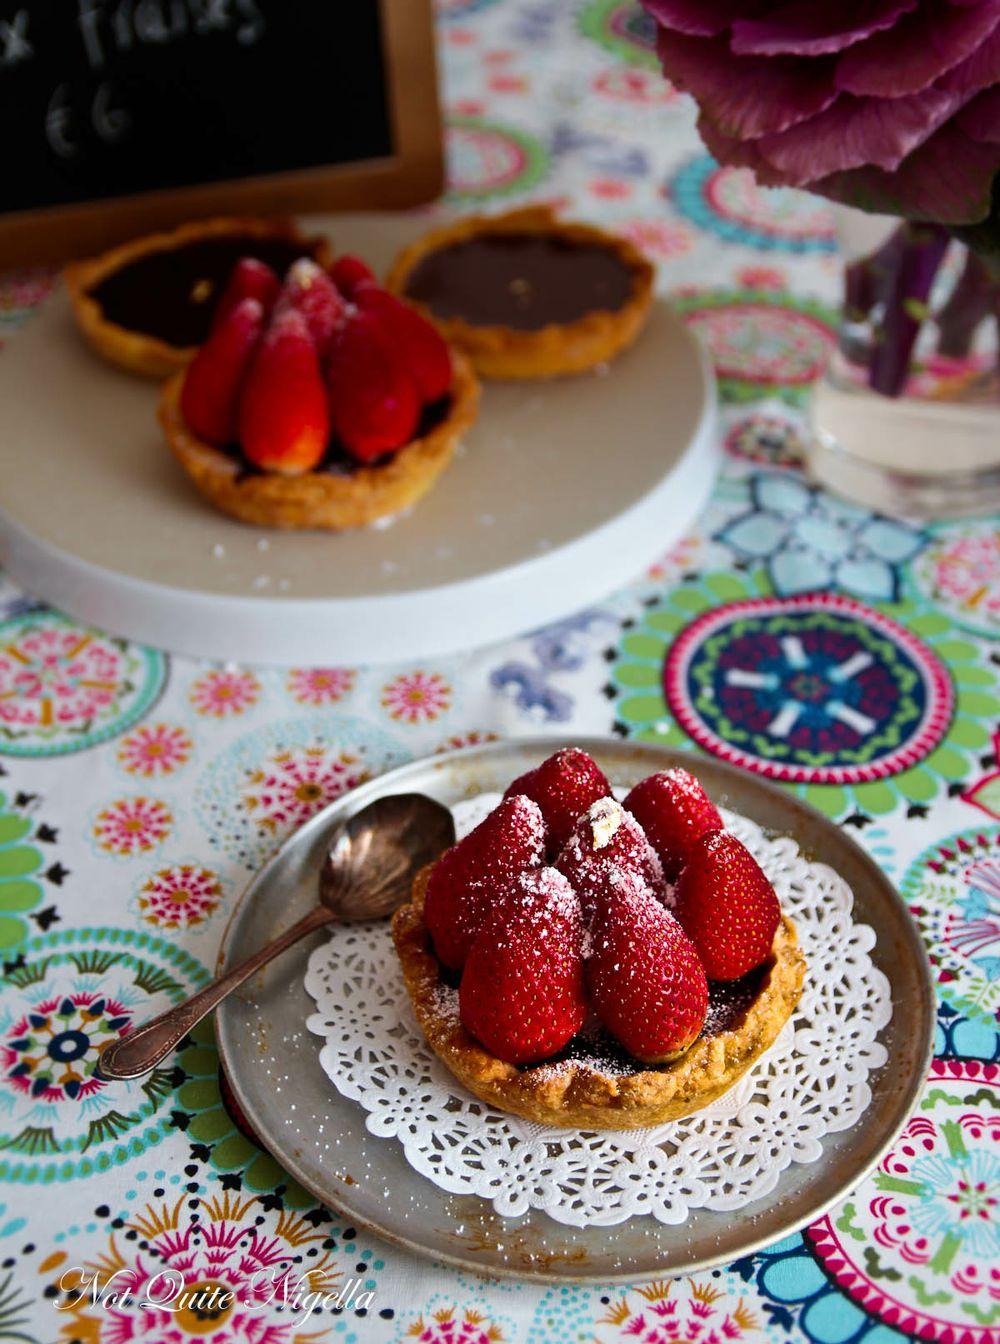 strawberry-tart-2-2